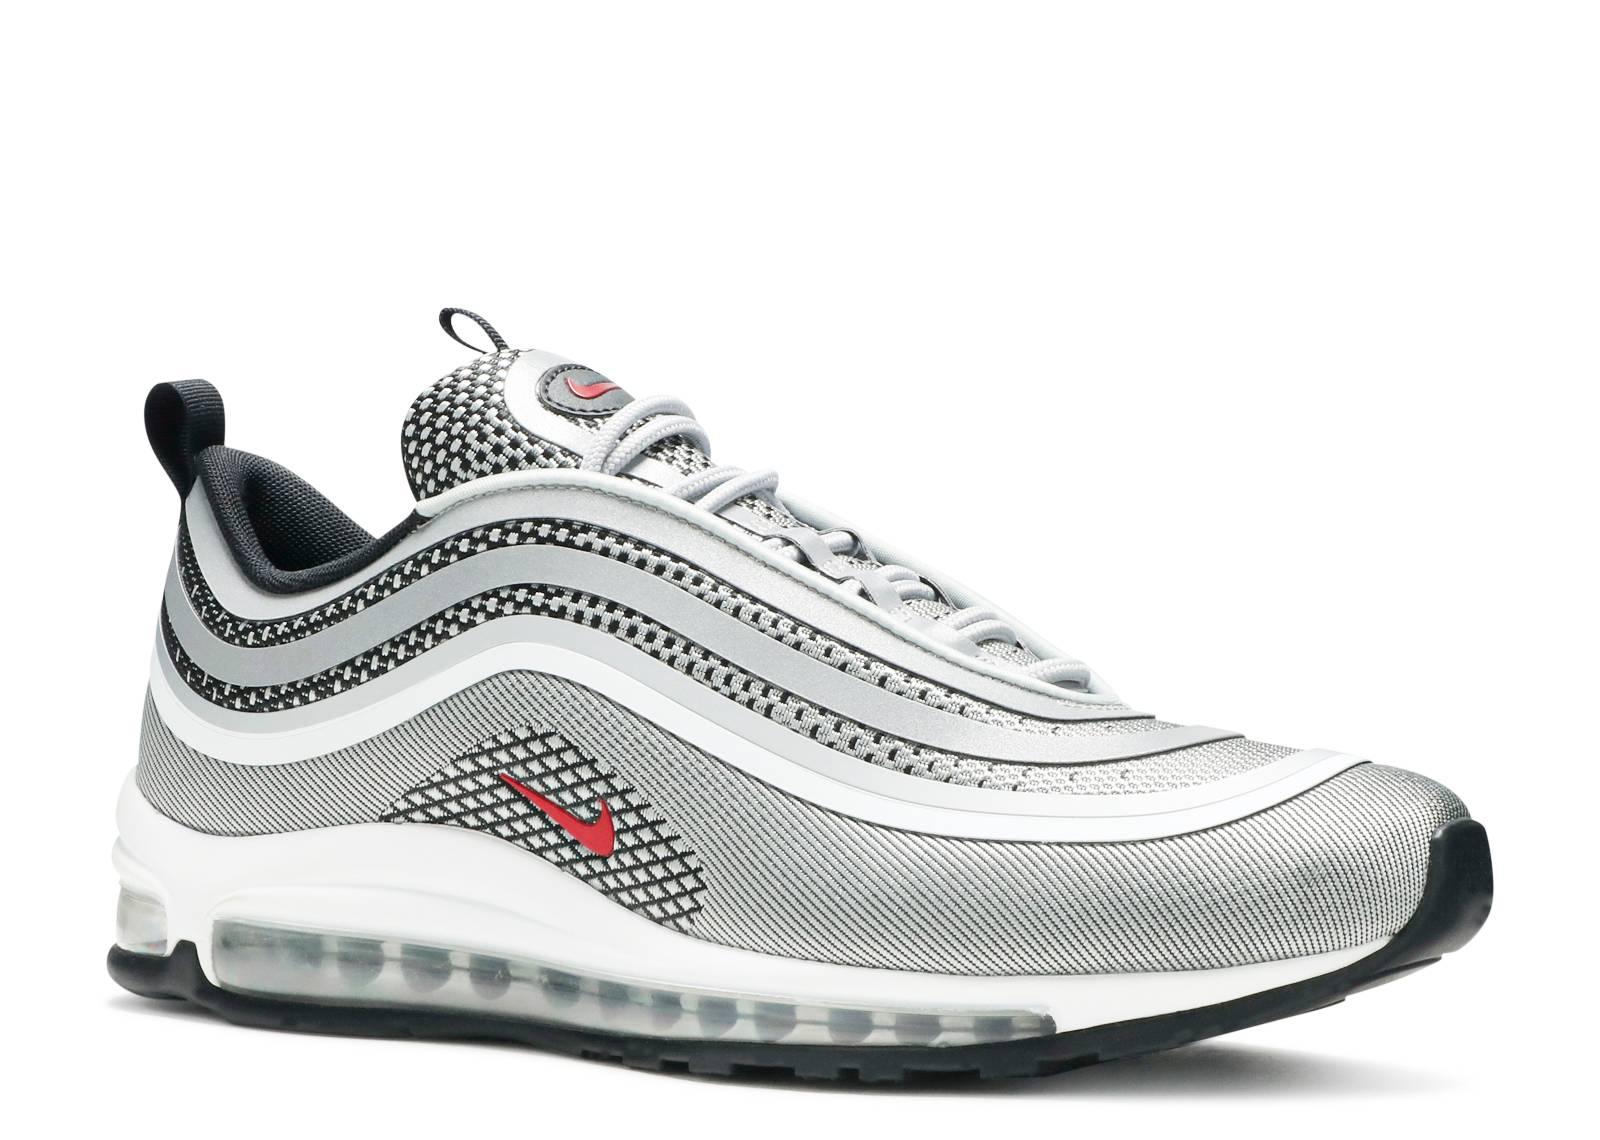 35d28e7593 Nike Air Max 97 Ultra Silver Bullet - 1